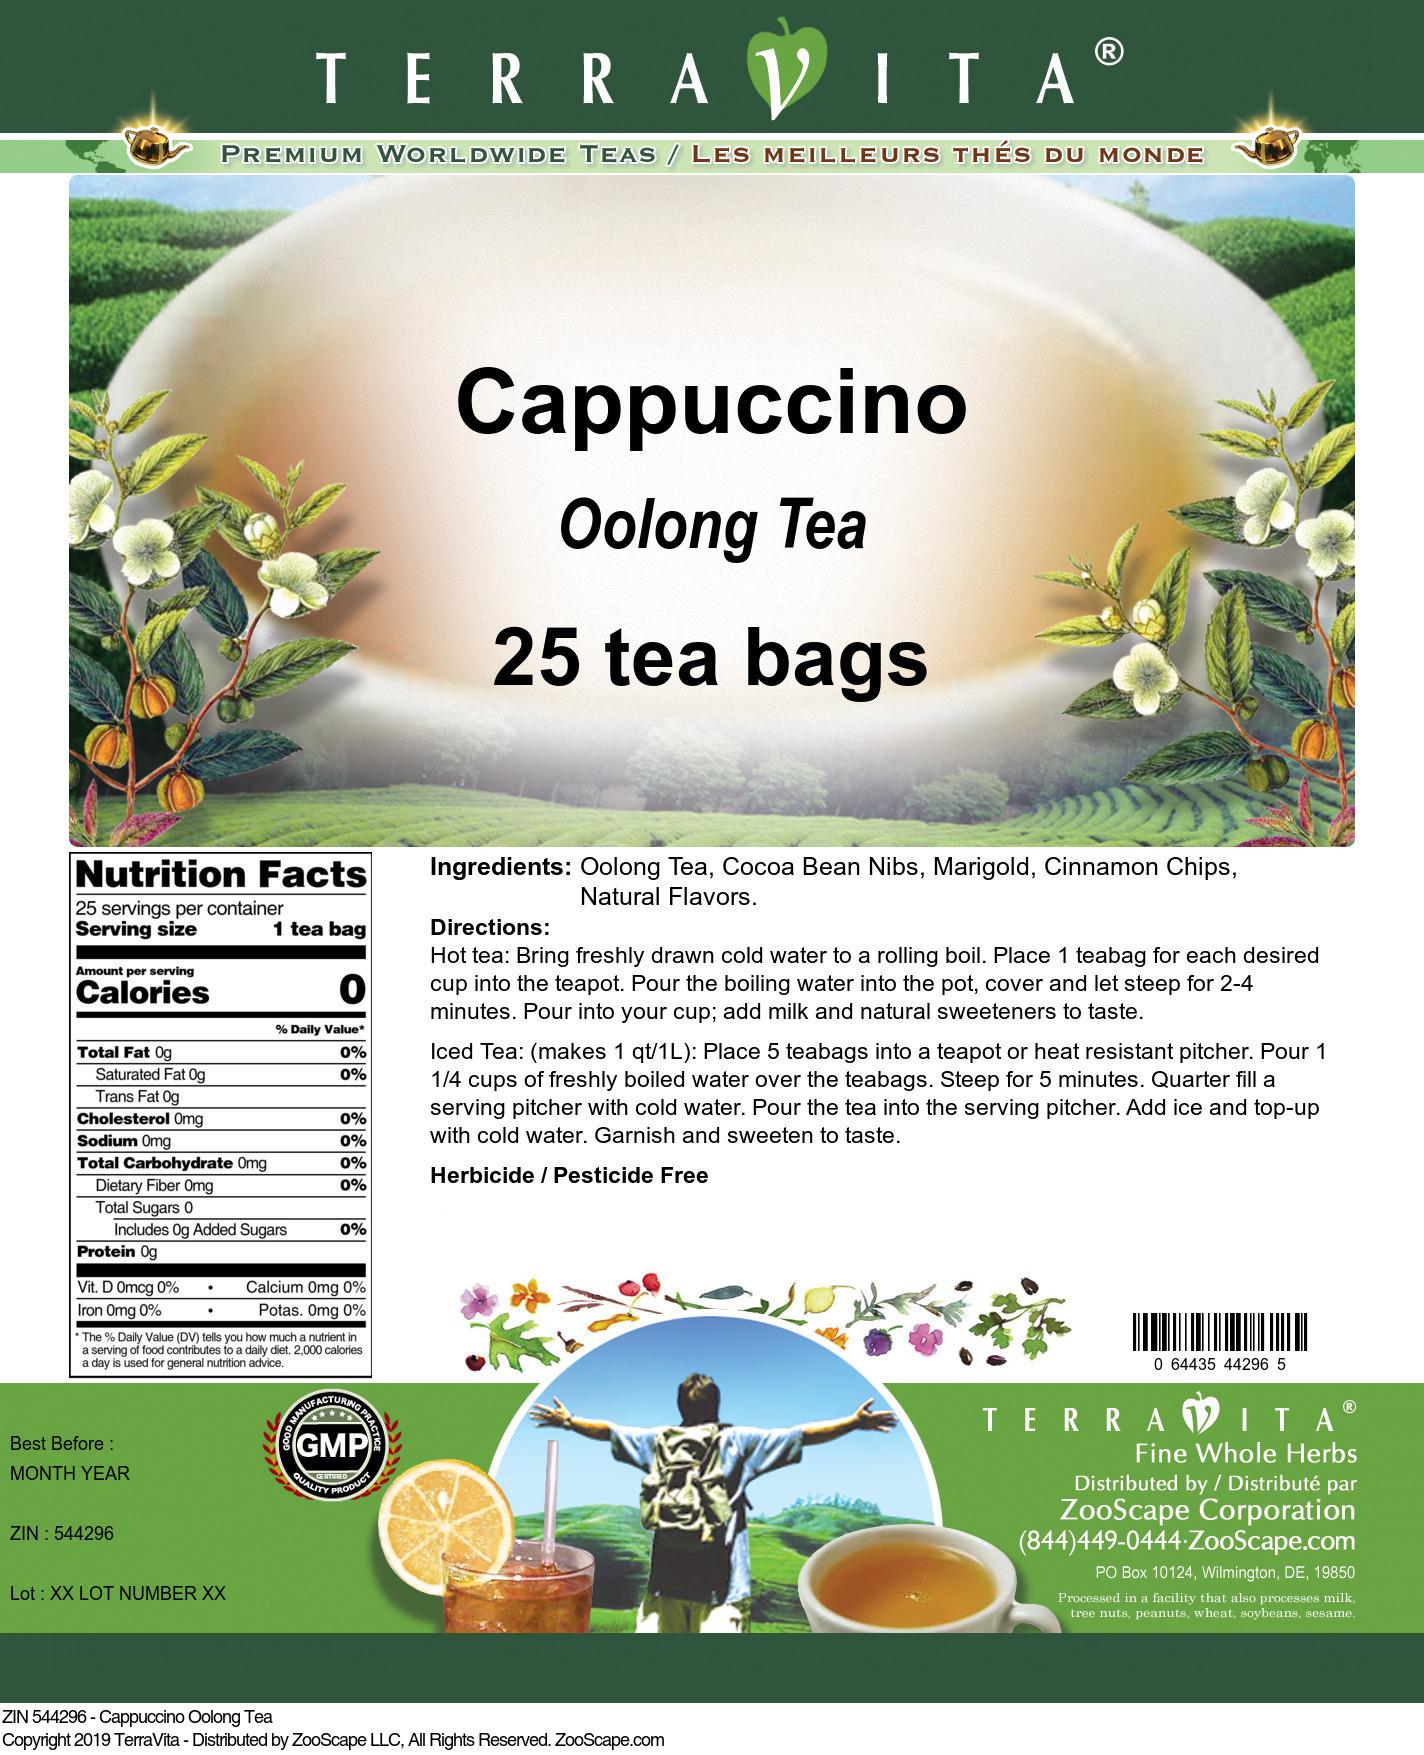 Cappuccino Oolong Tea